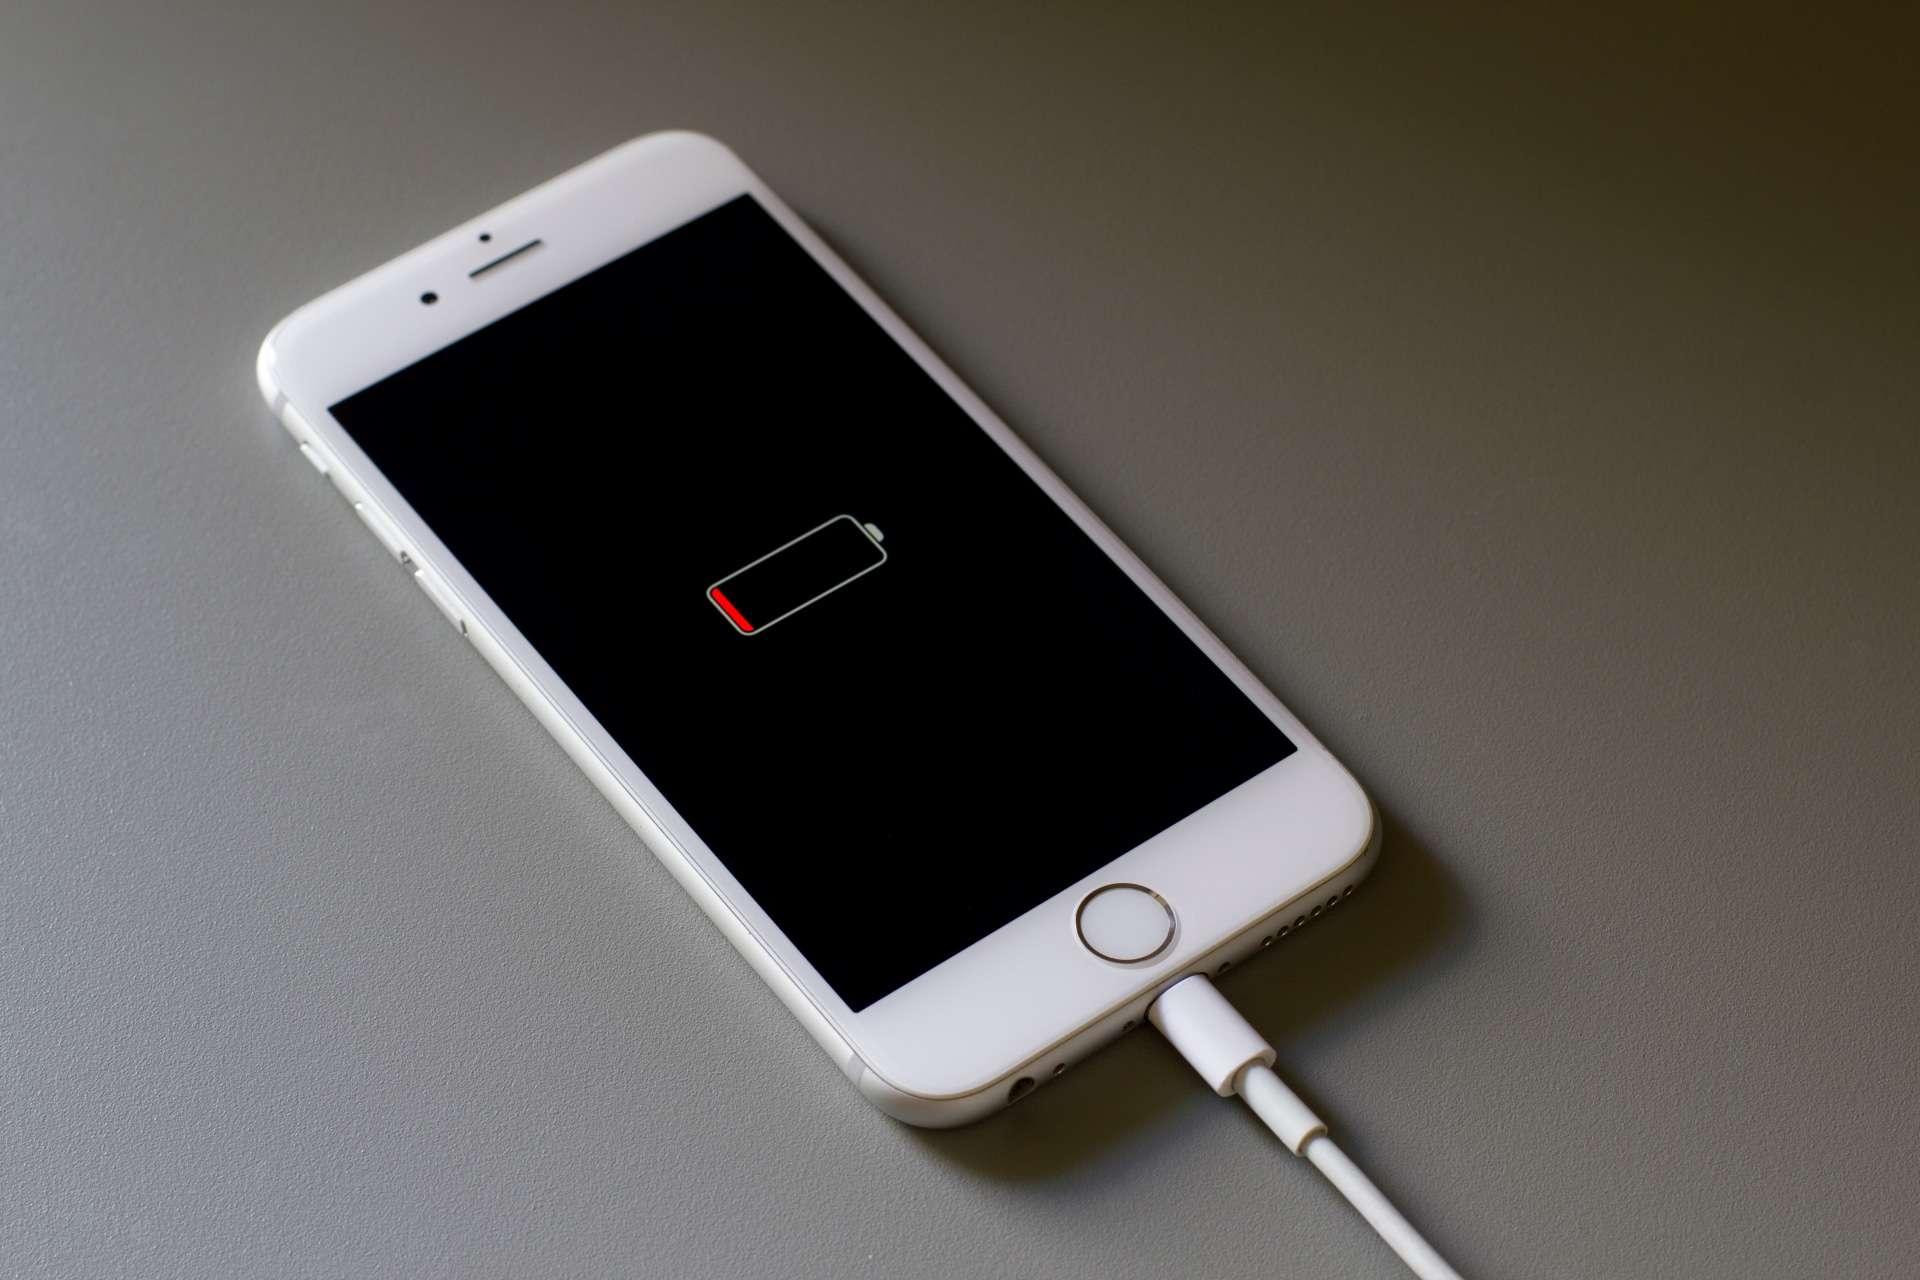 Como fazer a bateria do iPhone durar mais no iOS 14.3 - Olhar Digital